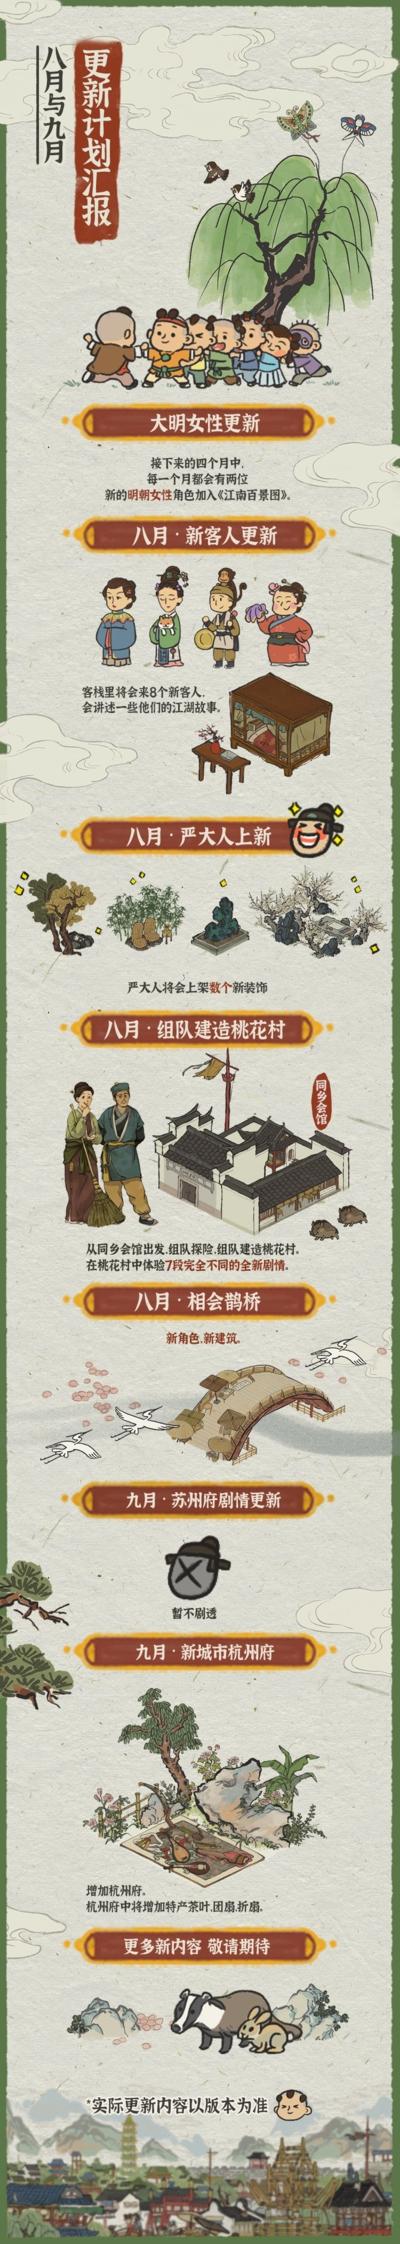 江南百景图1